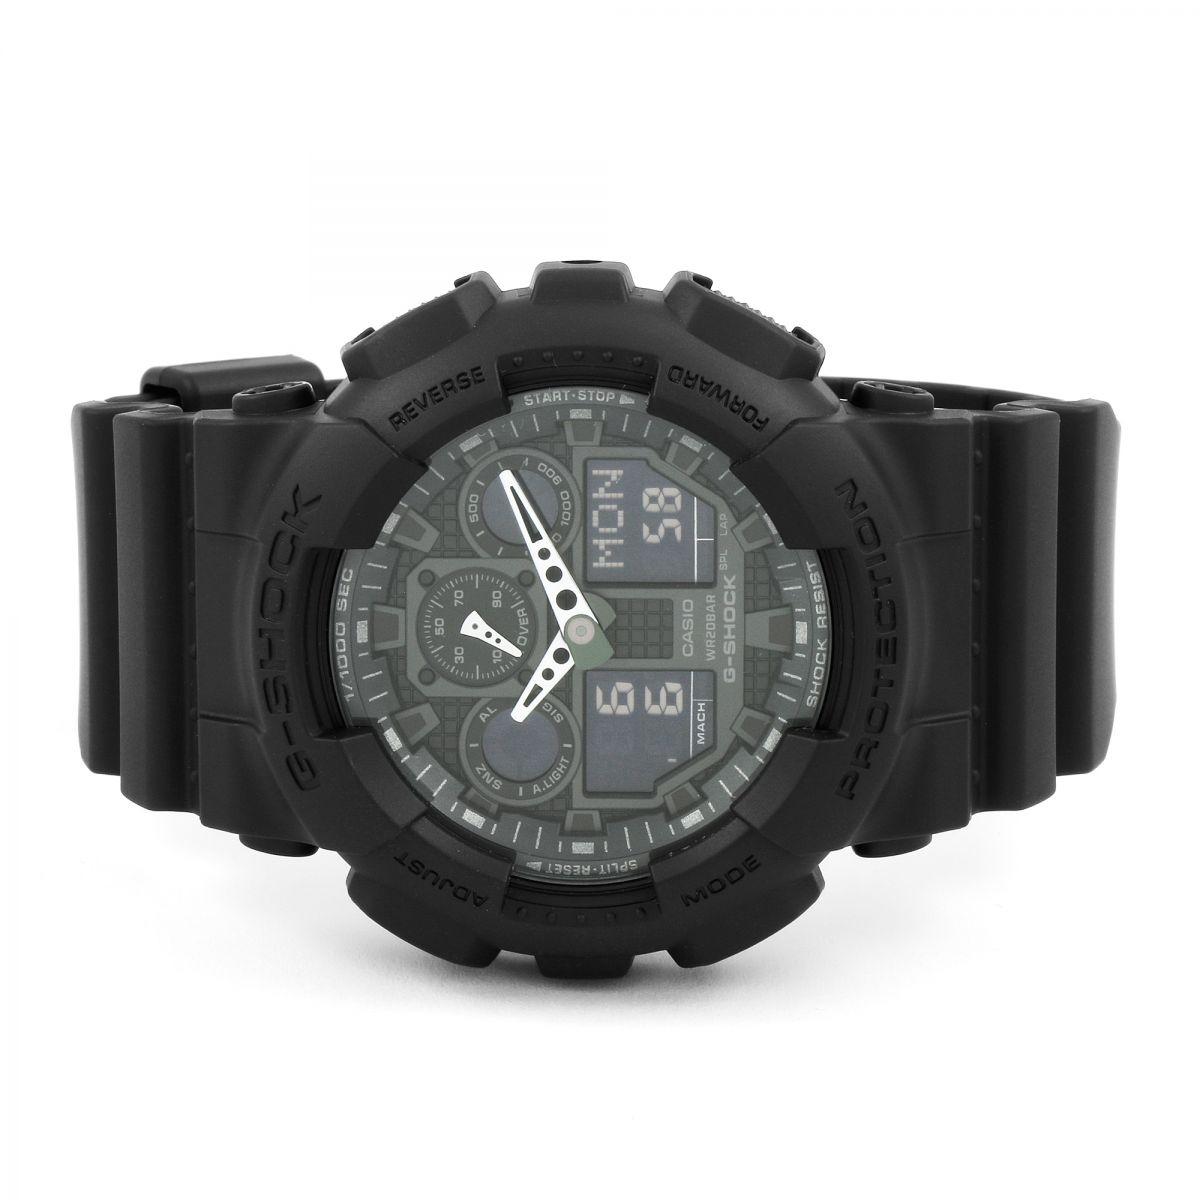 Zegarek Casio G-Shock GA-100-1A1ER